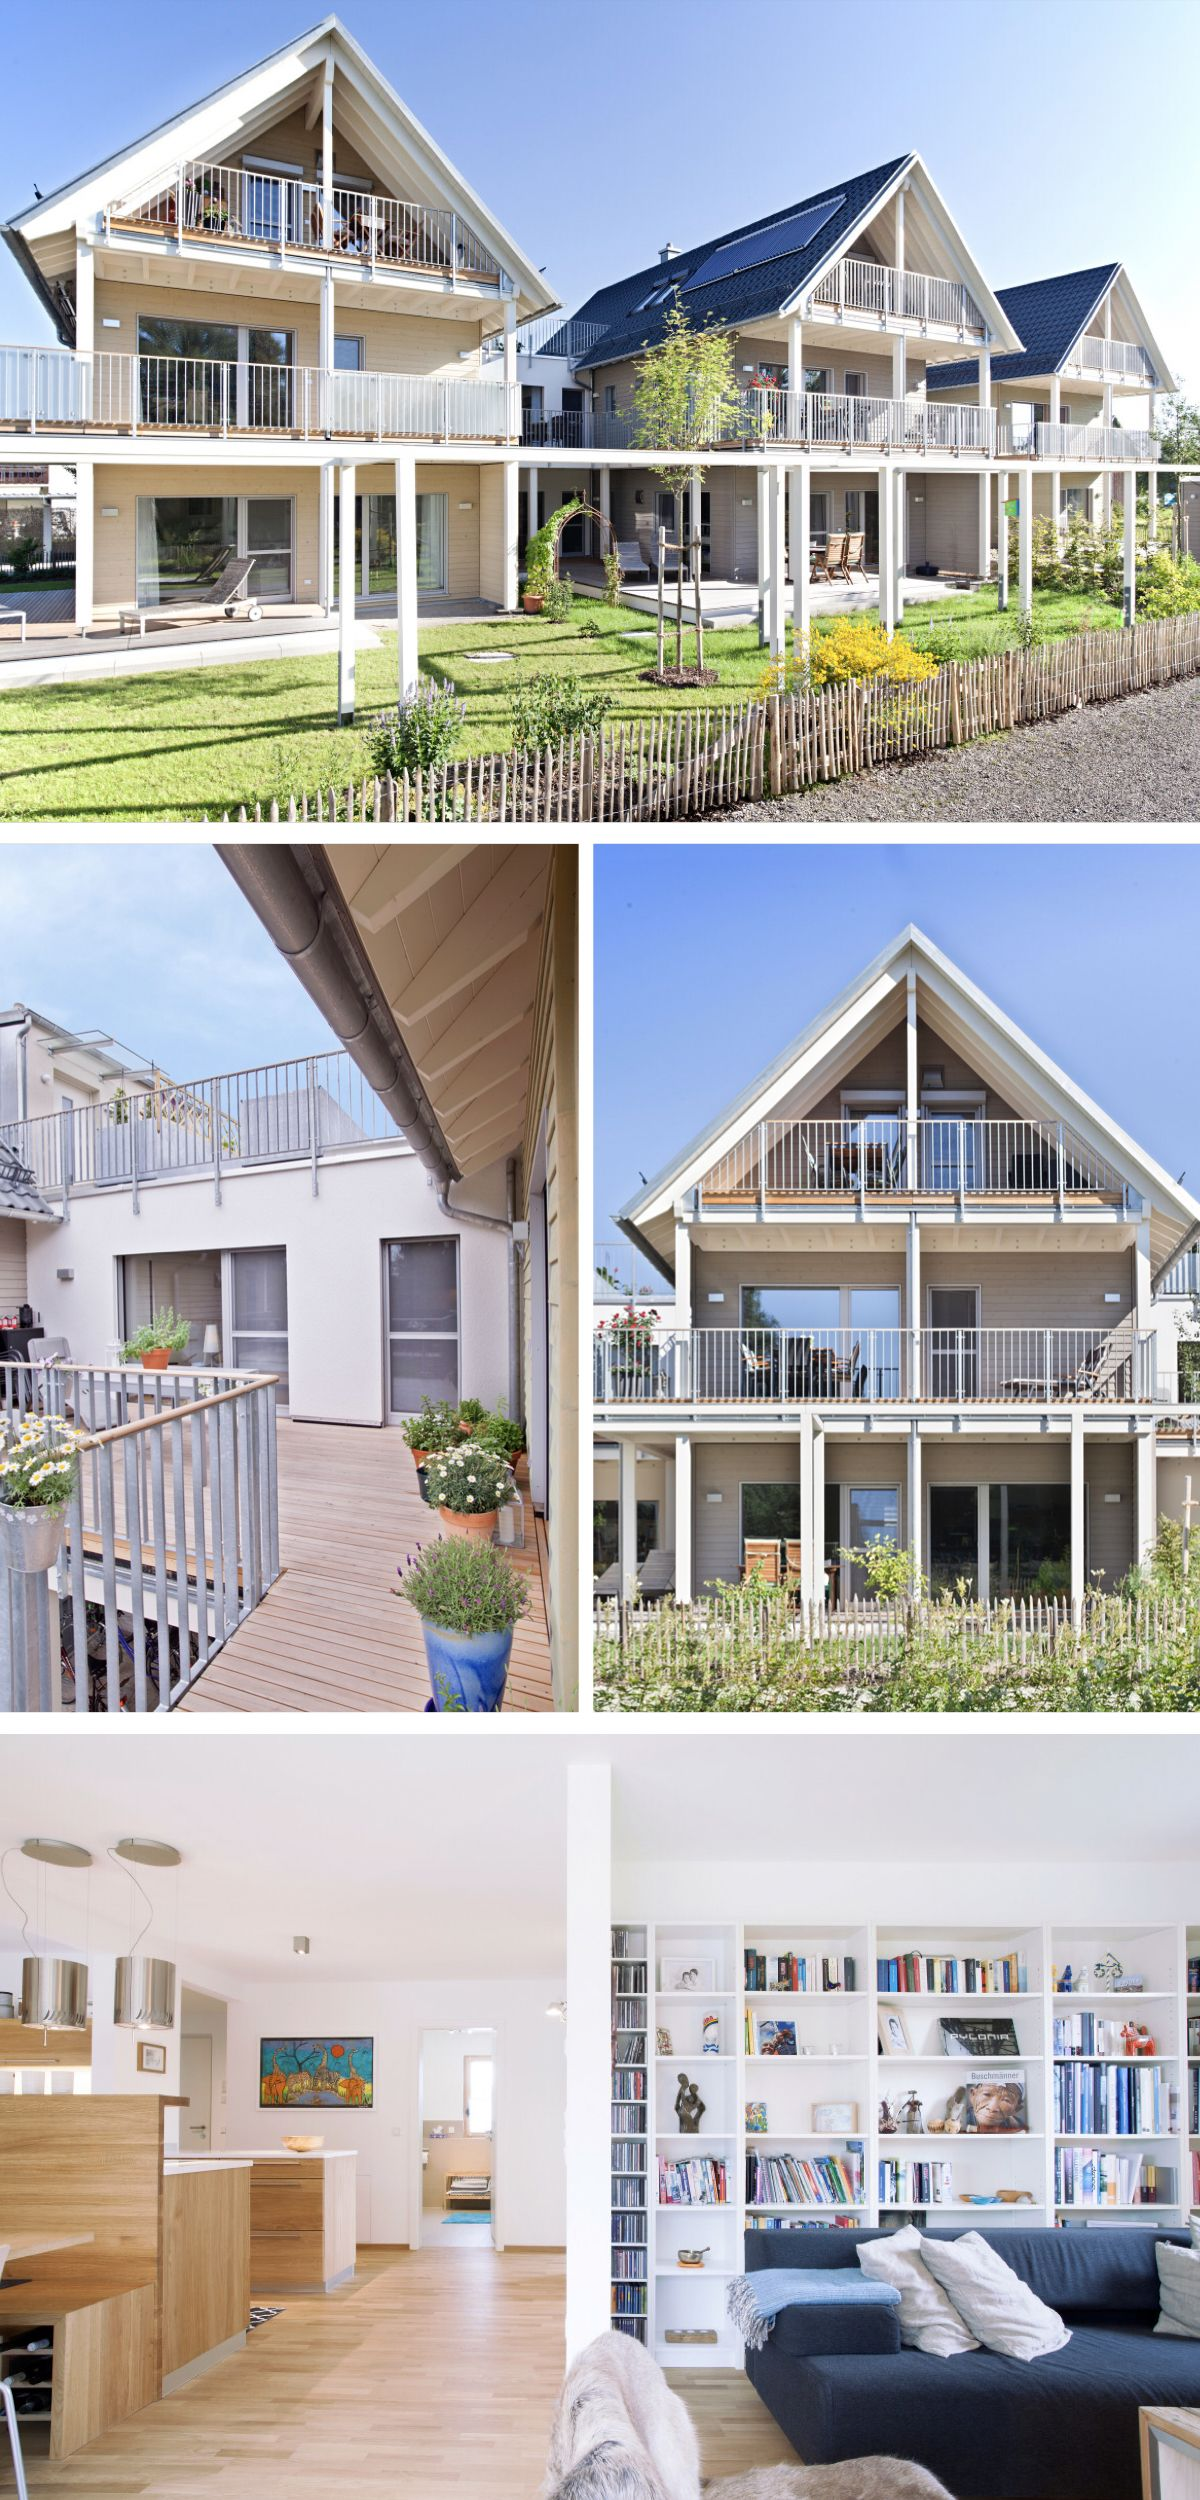 ökologisches Haus ökologisches mehrfamilienhaus im modernen alpenstil haus